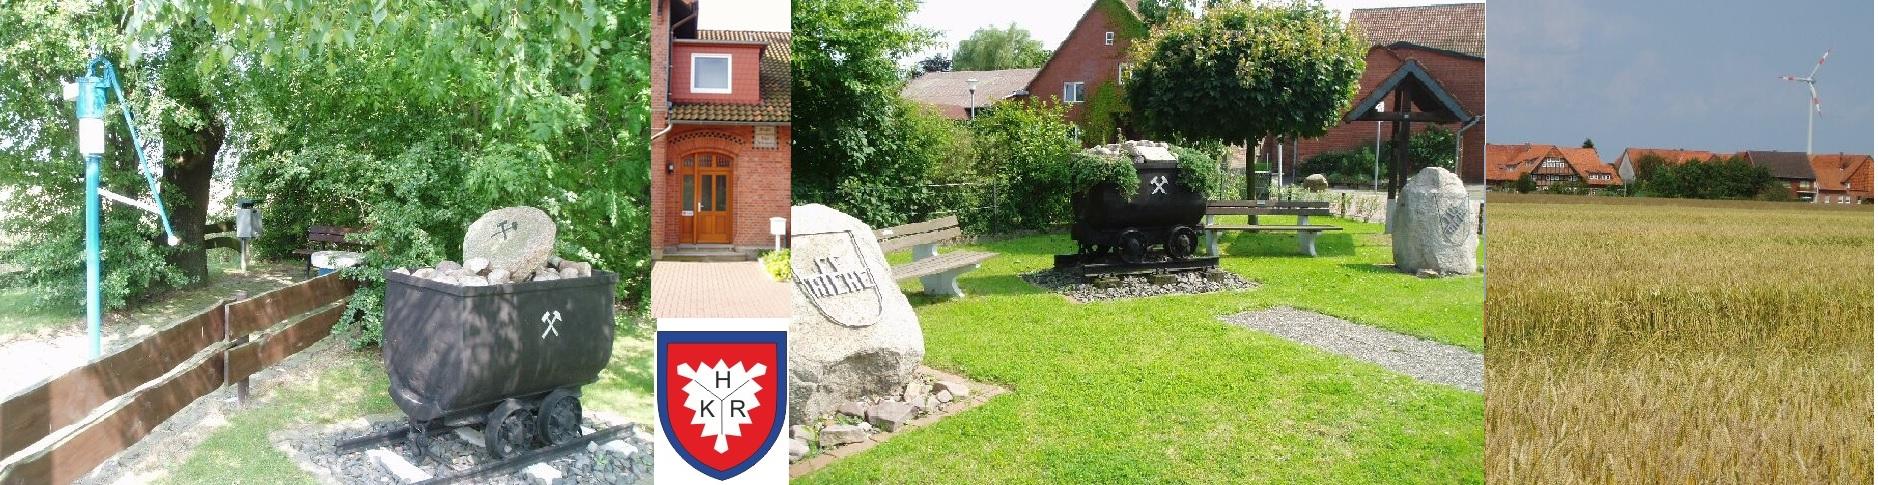 Gemeinde Suthfeld